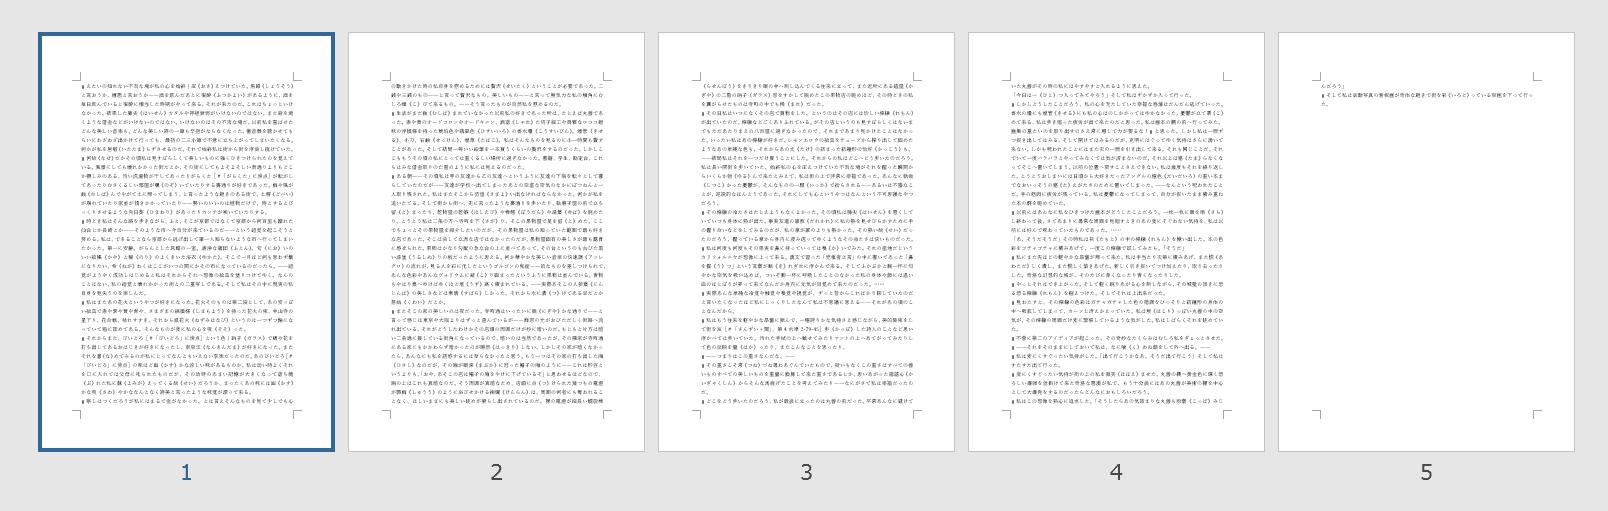 5ページを用意